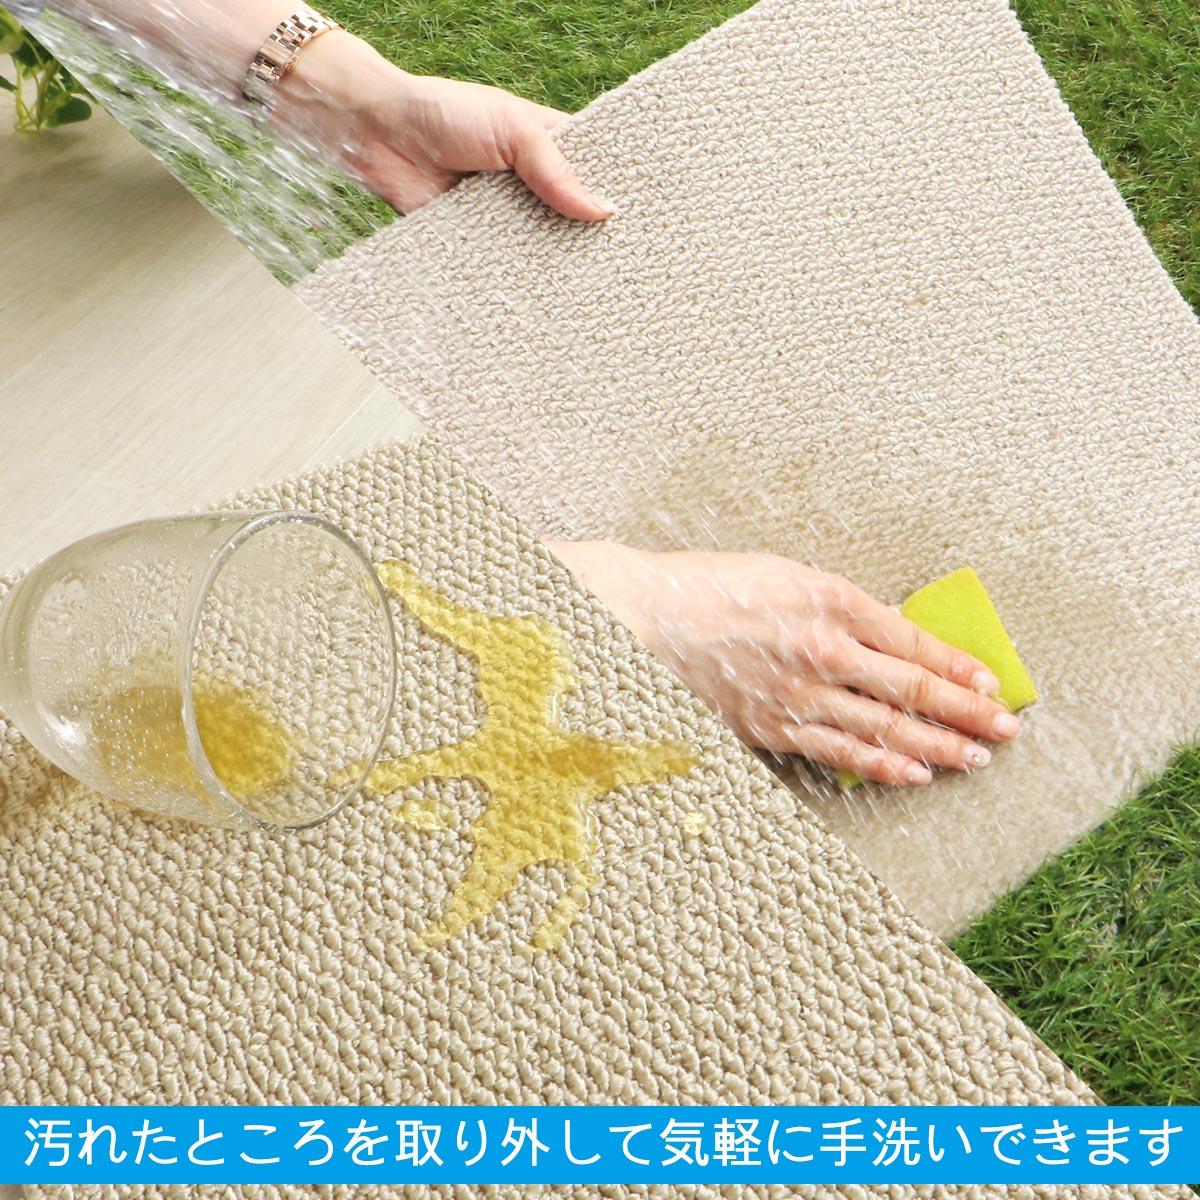 汚れても大丈夫!汚れたところだけを取り外して気軽に手洗いできます。